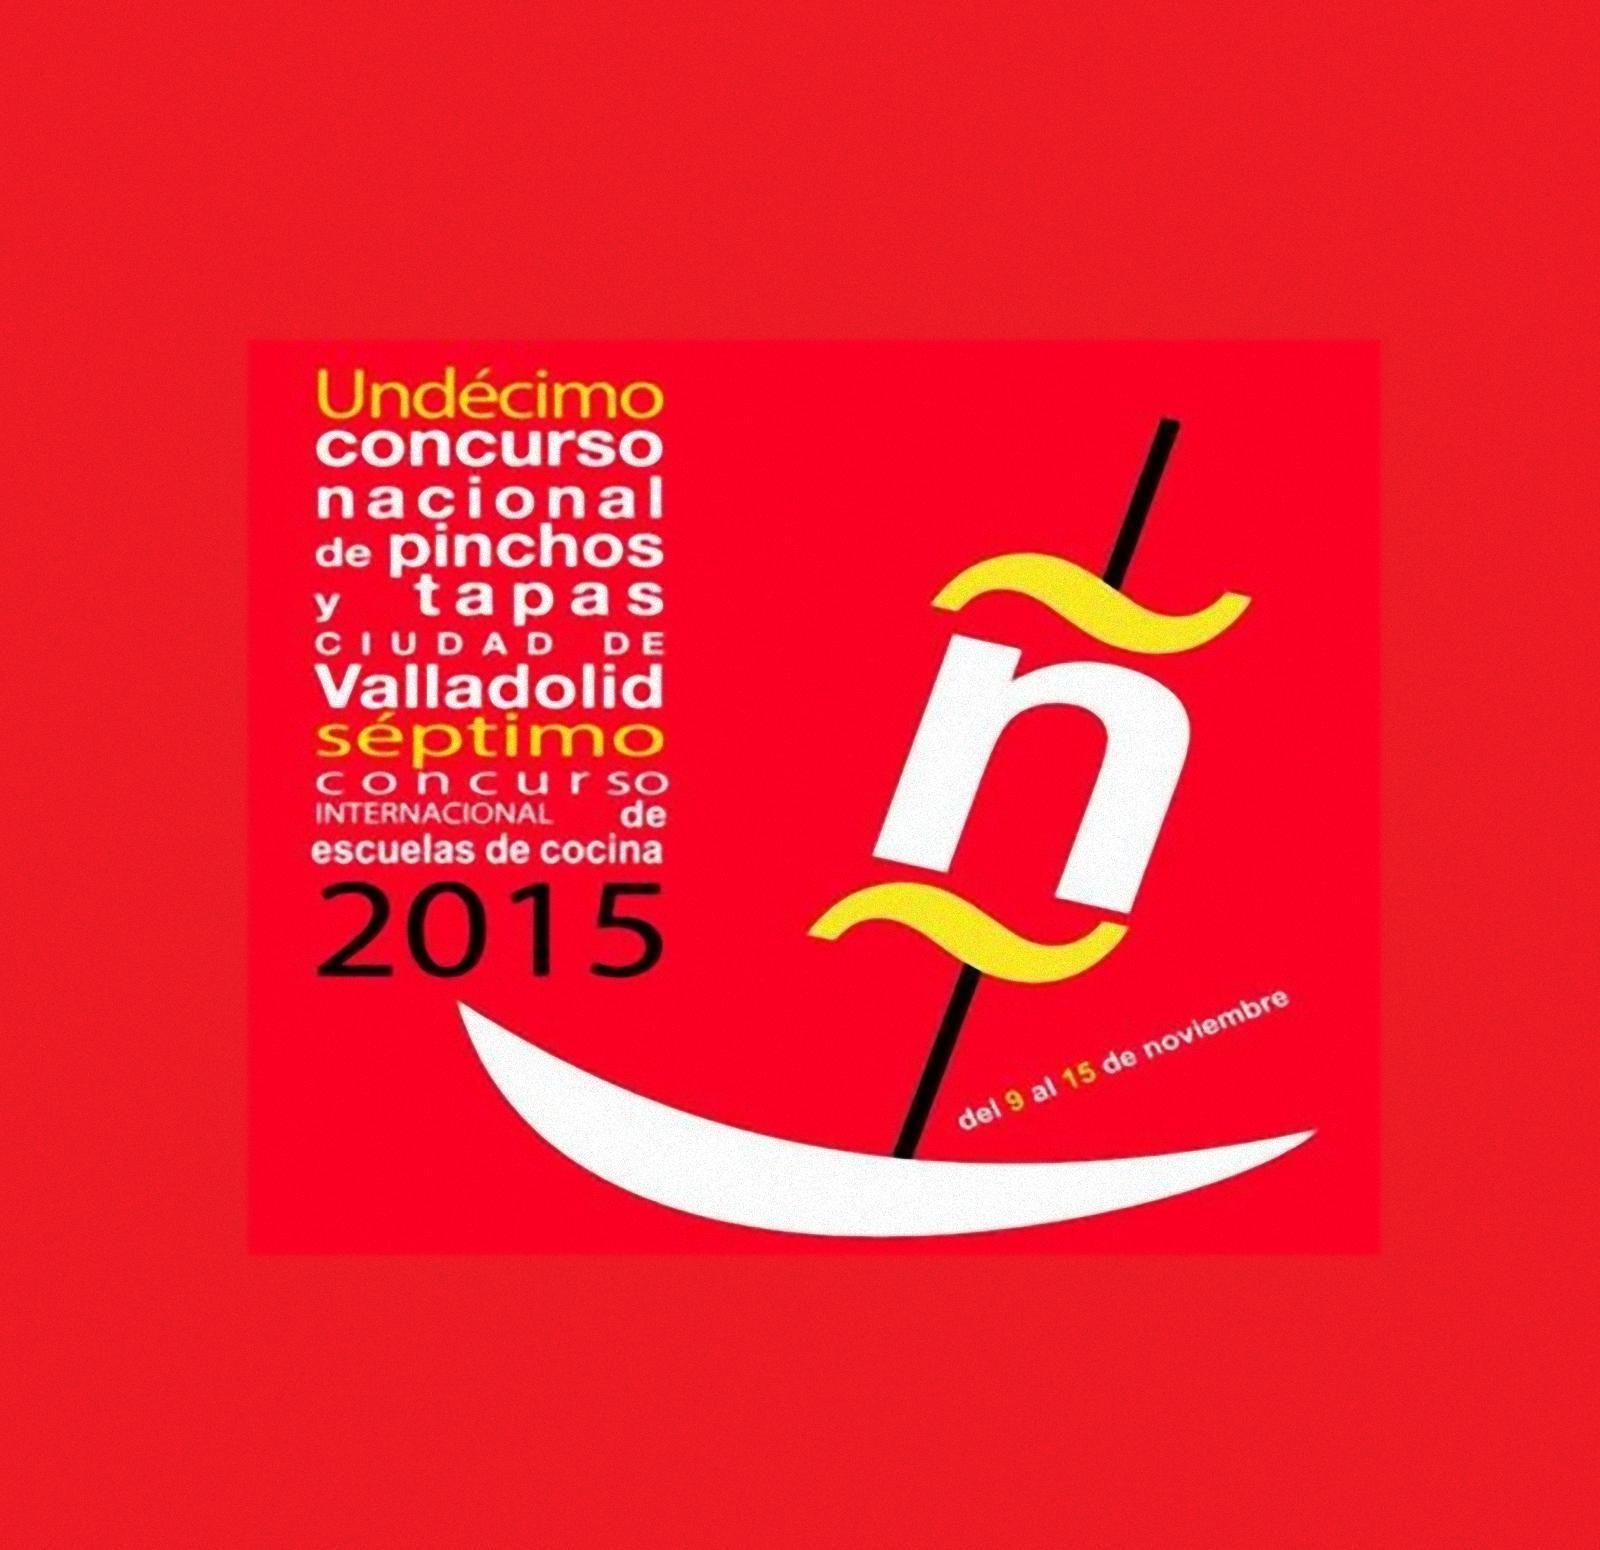 Concurso Nacional de Pinchos y Tapas Ciudad de Valladolid 2015